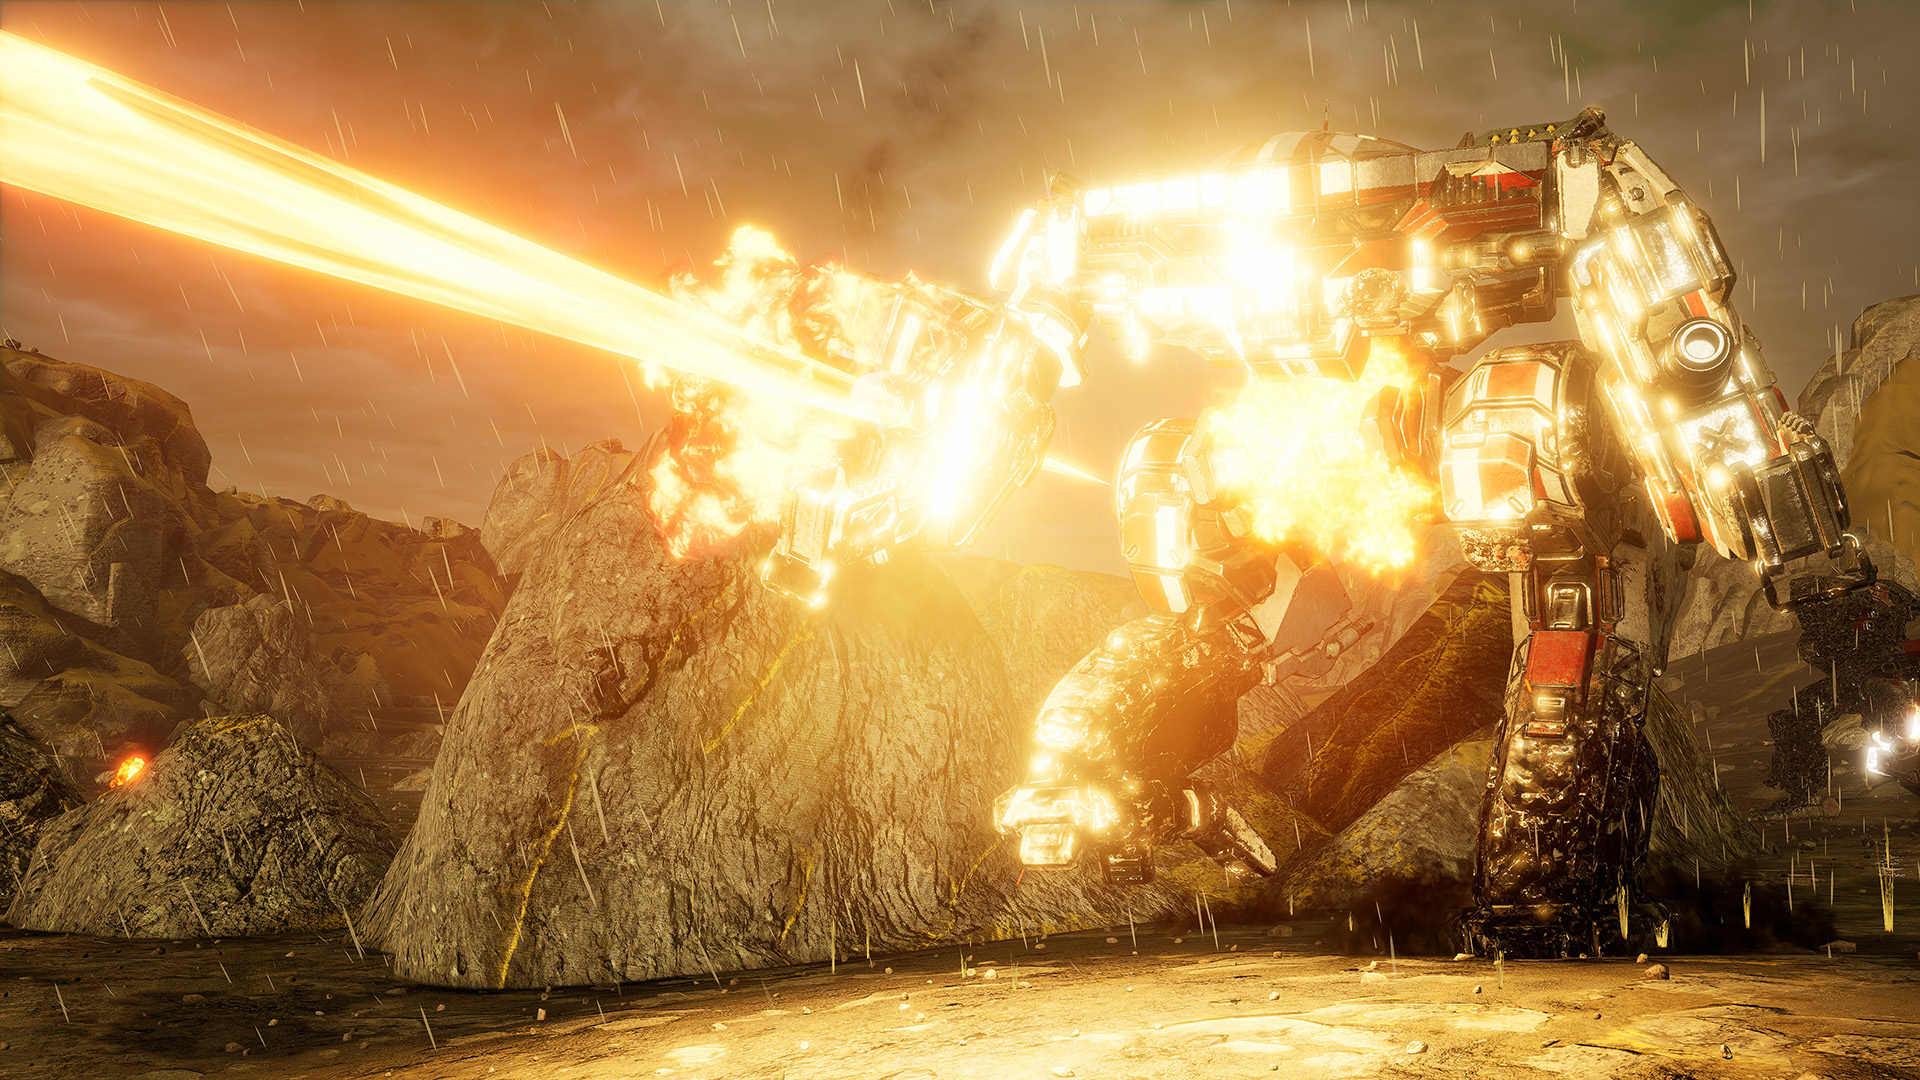 为避免与《赛博朋克2077》撞车《机甲战士5》延期